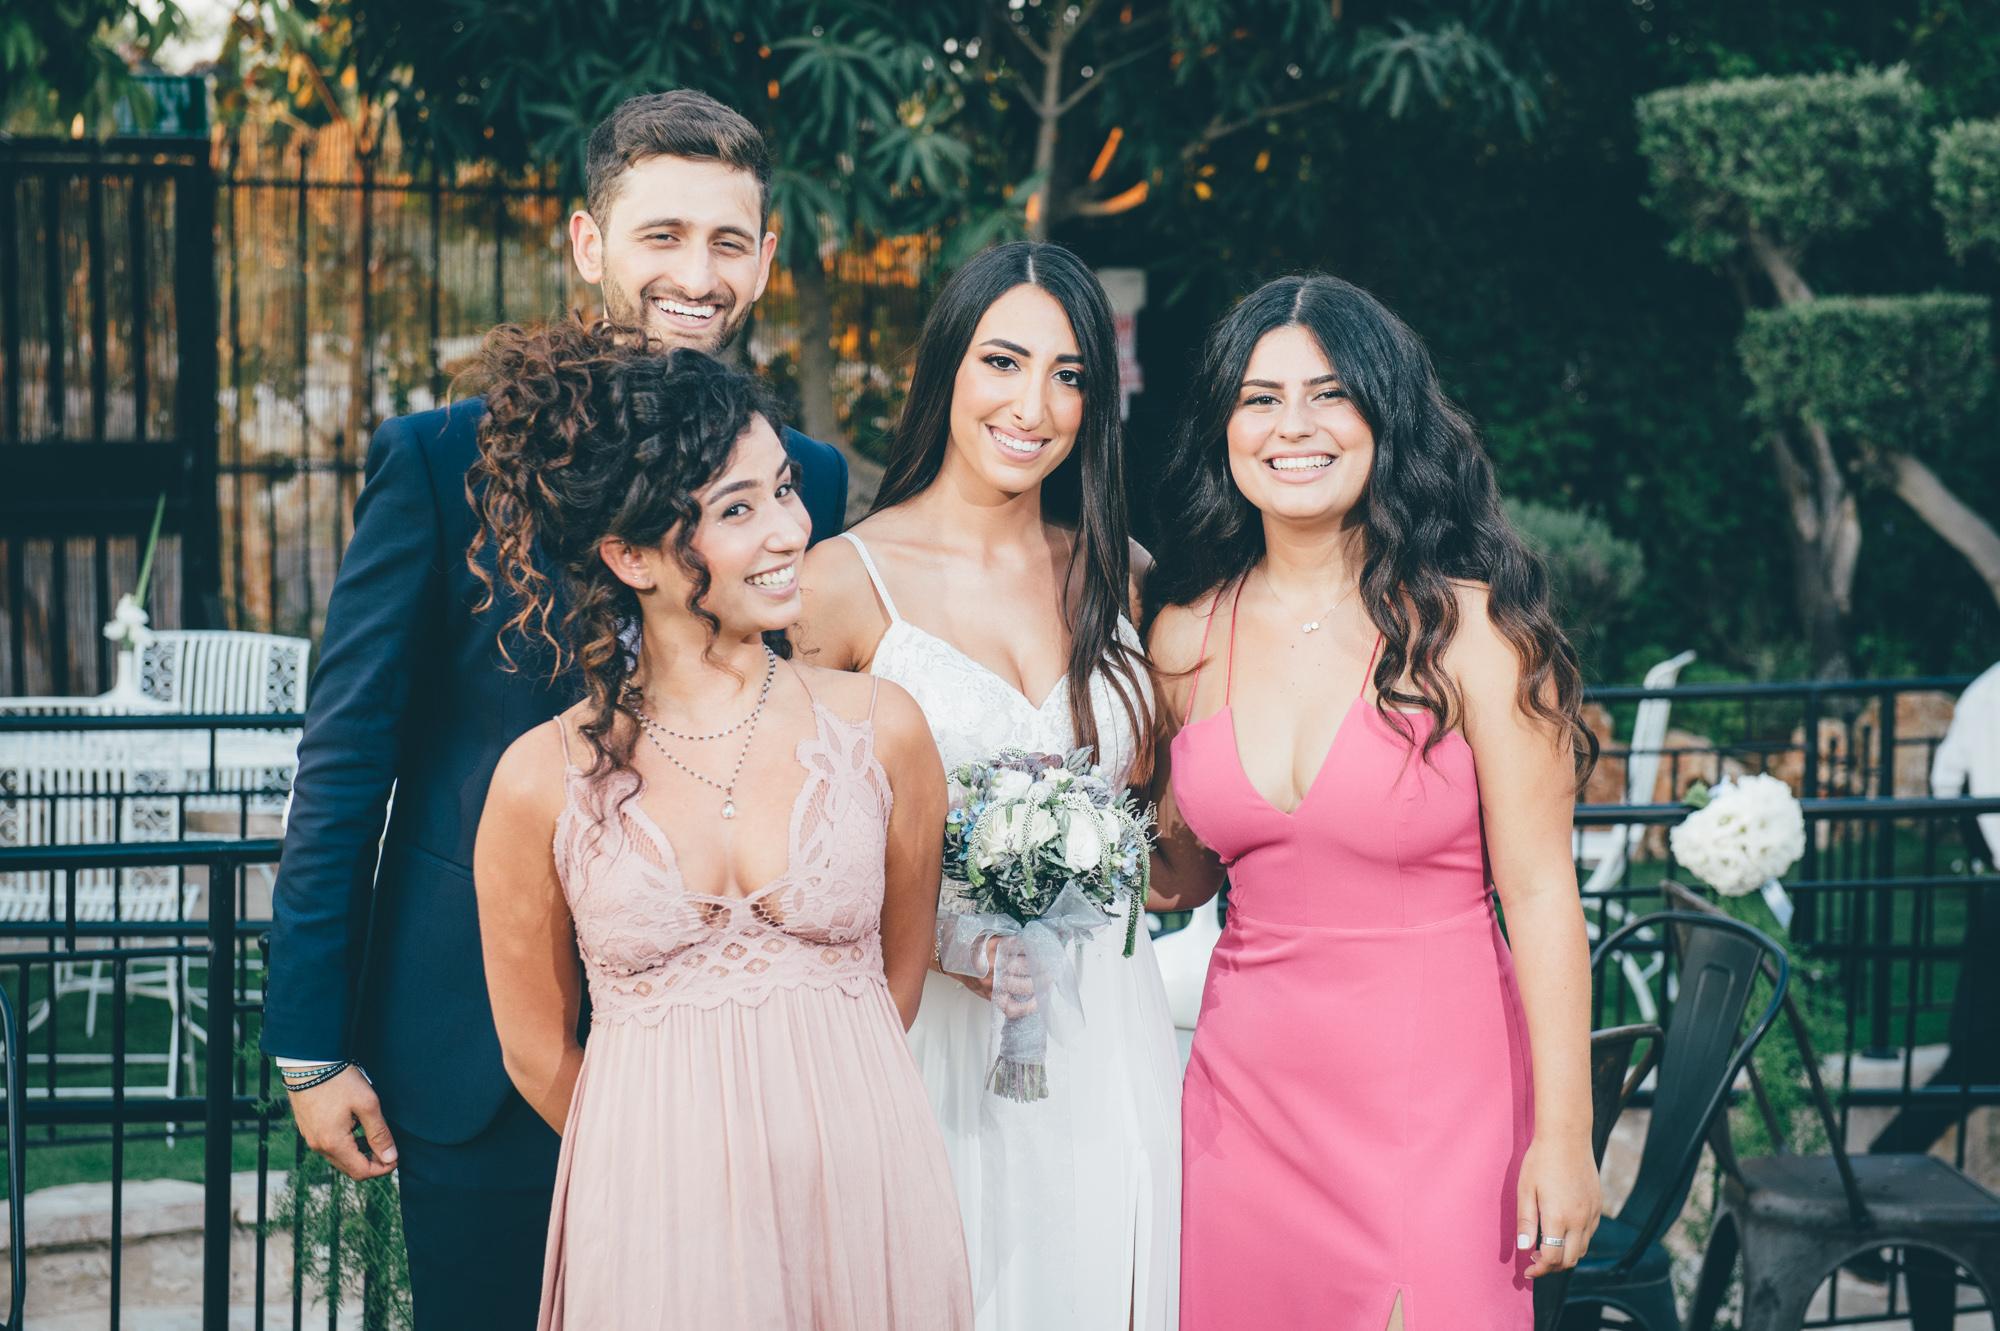 Wedding photos by - Asaf Kliger-58.jpg